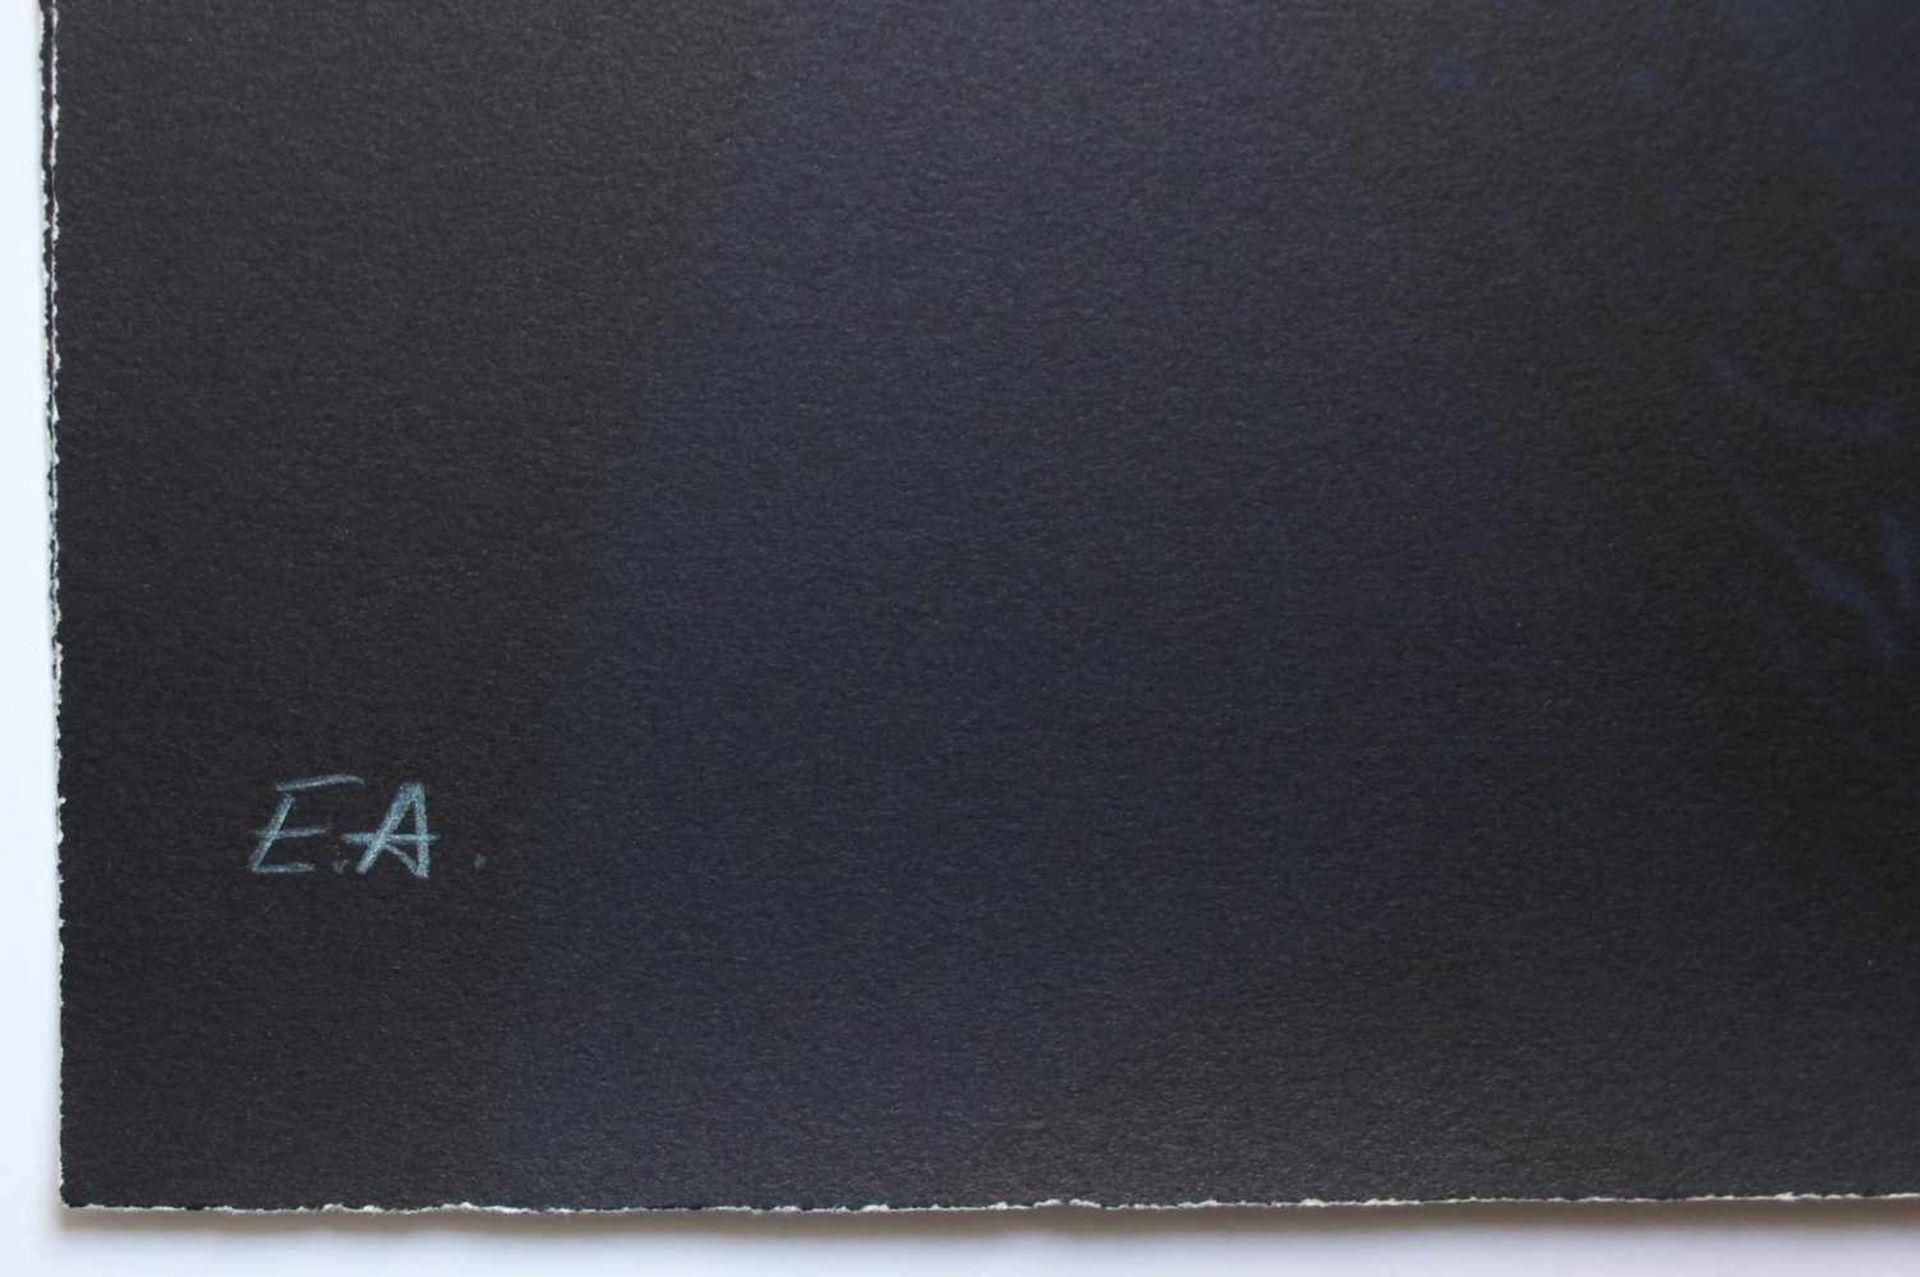 Gottfried Helnwein geb. 1948 Jean Tinguely dunkel Farblithographie handsigniert, nummeriert E.A. - Bild 3 aus 3